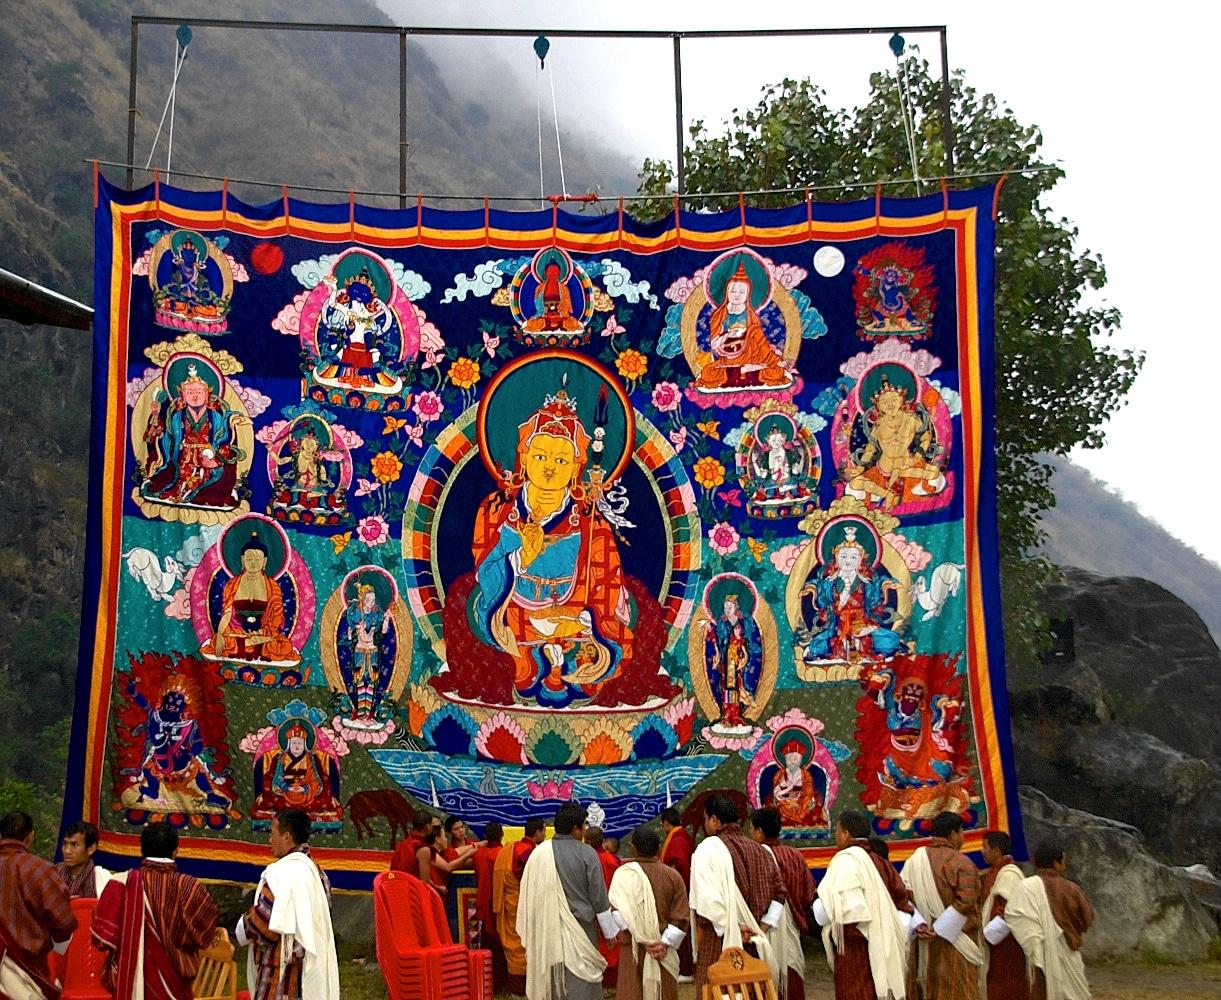 Guru Rinpoche Throngdrel